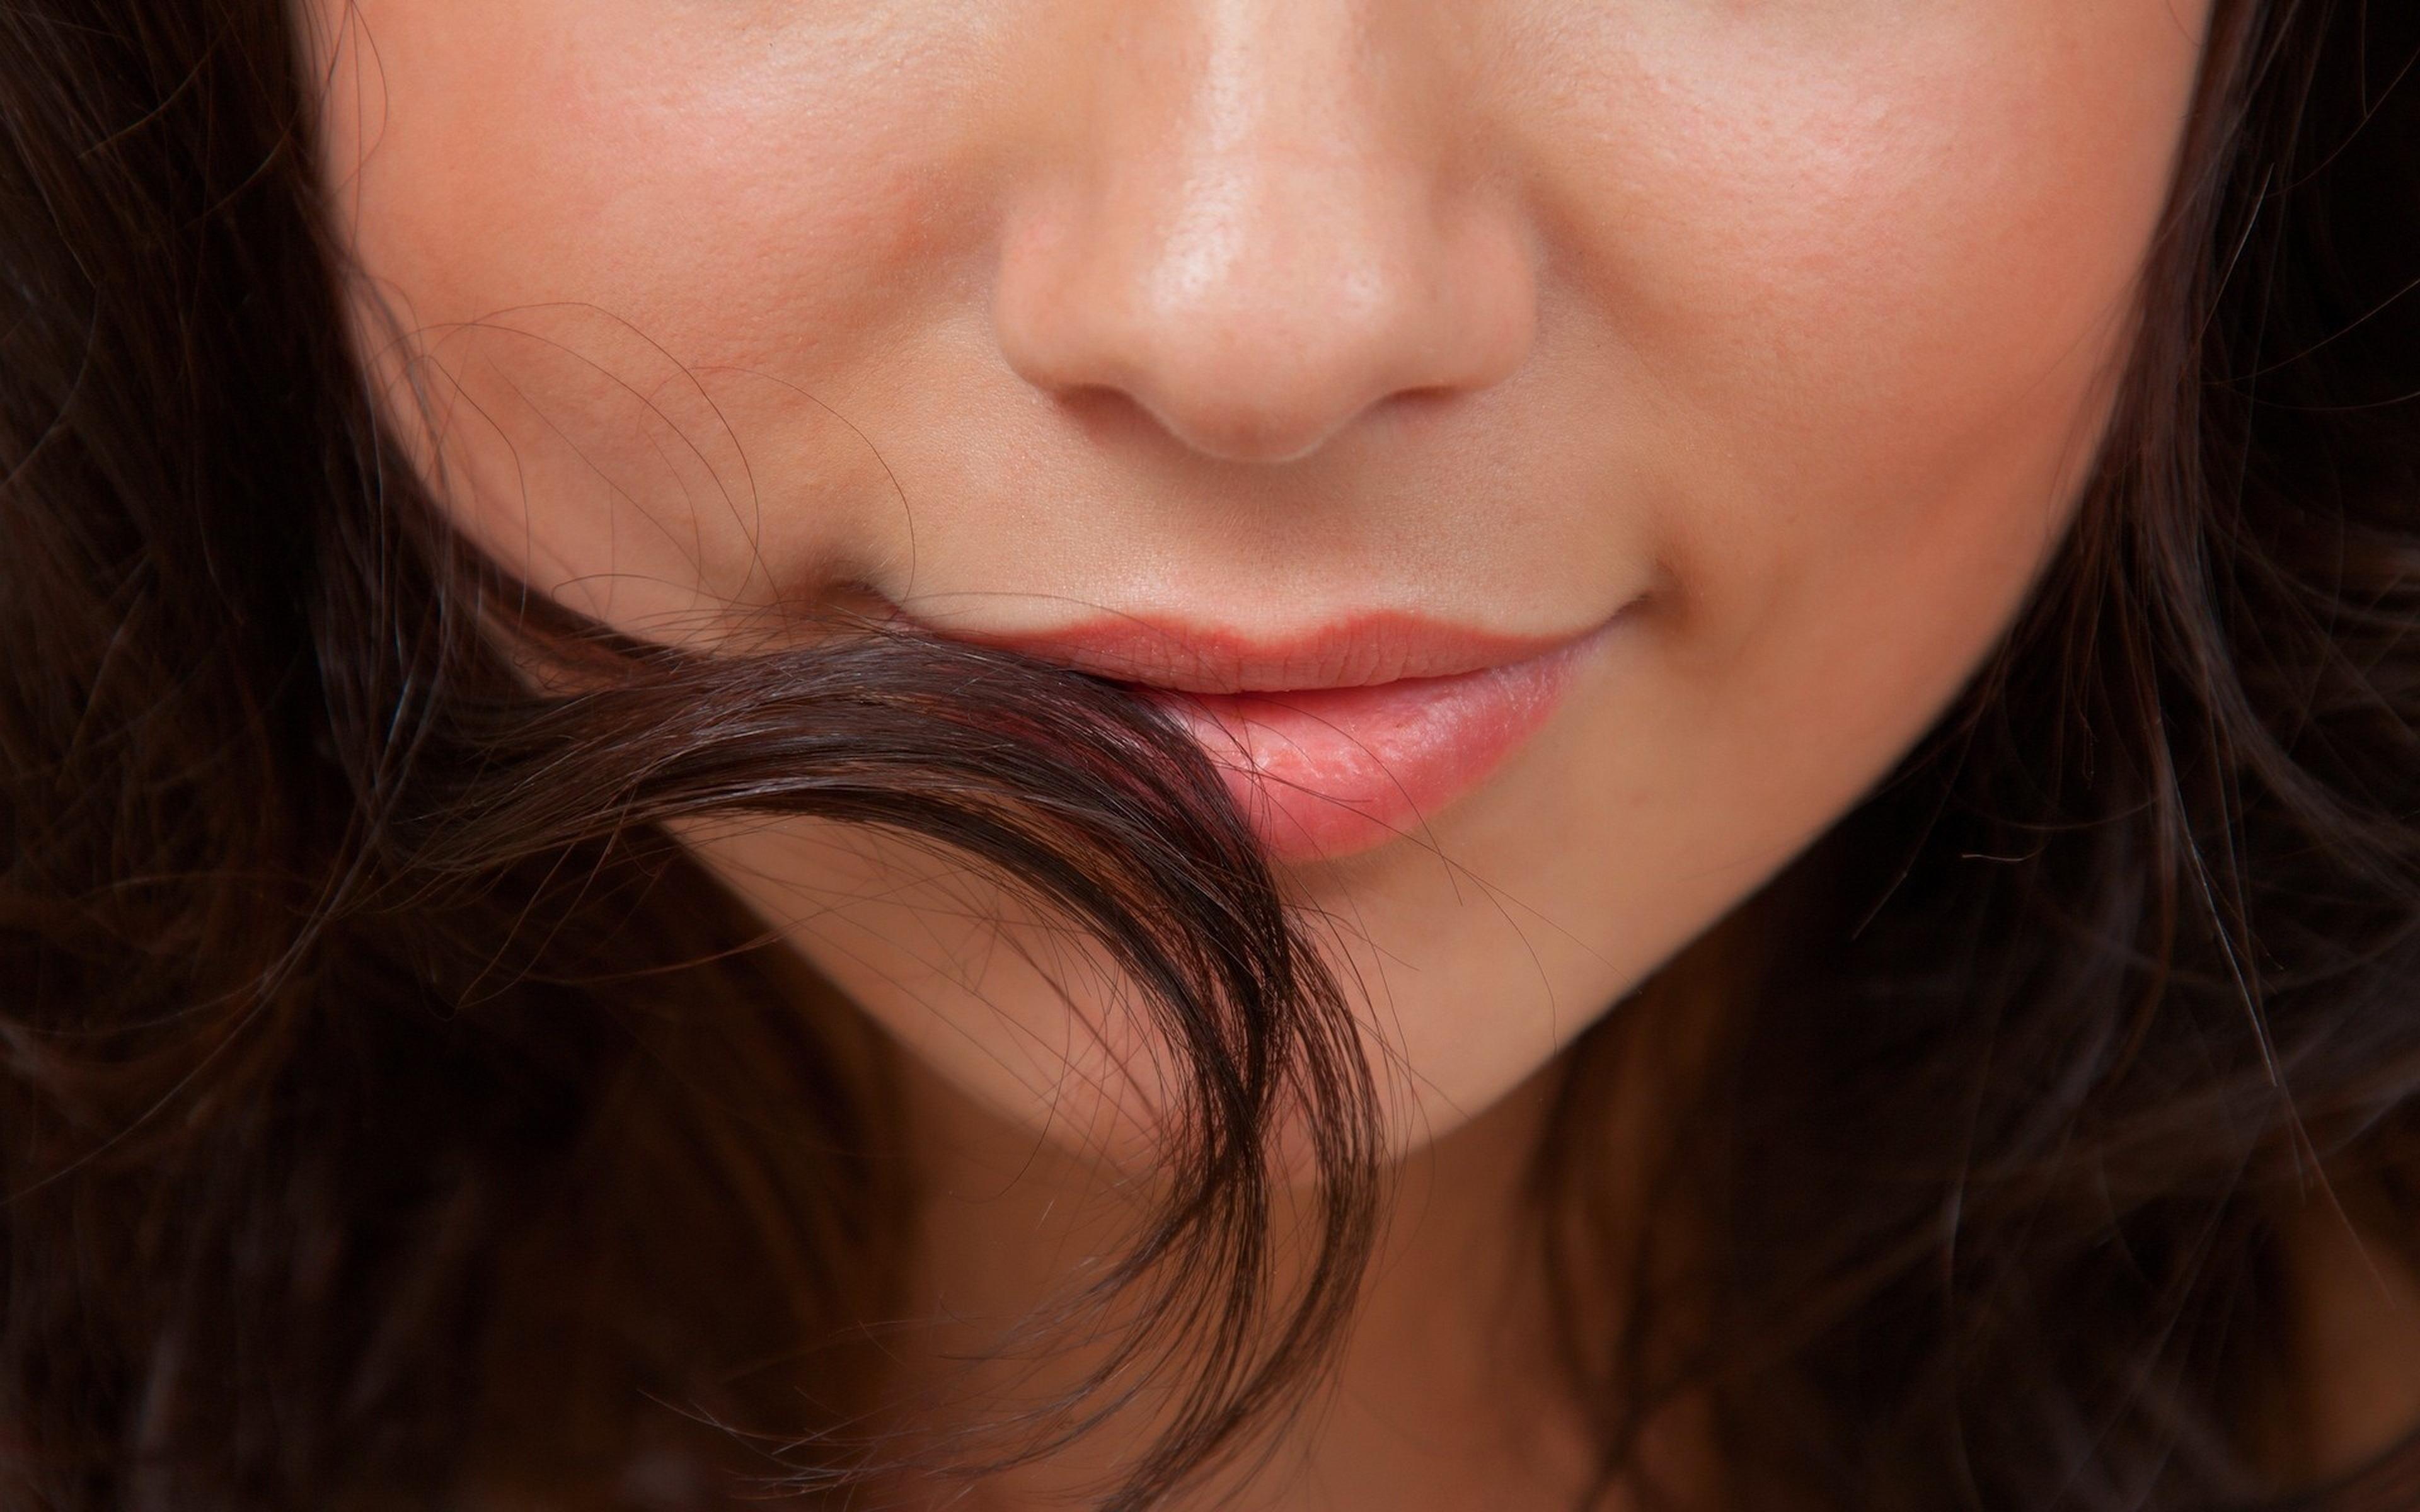 Что такое эякуяция на лицо 6 фотография